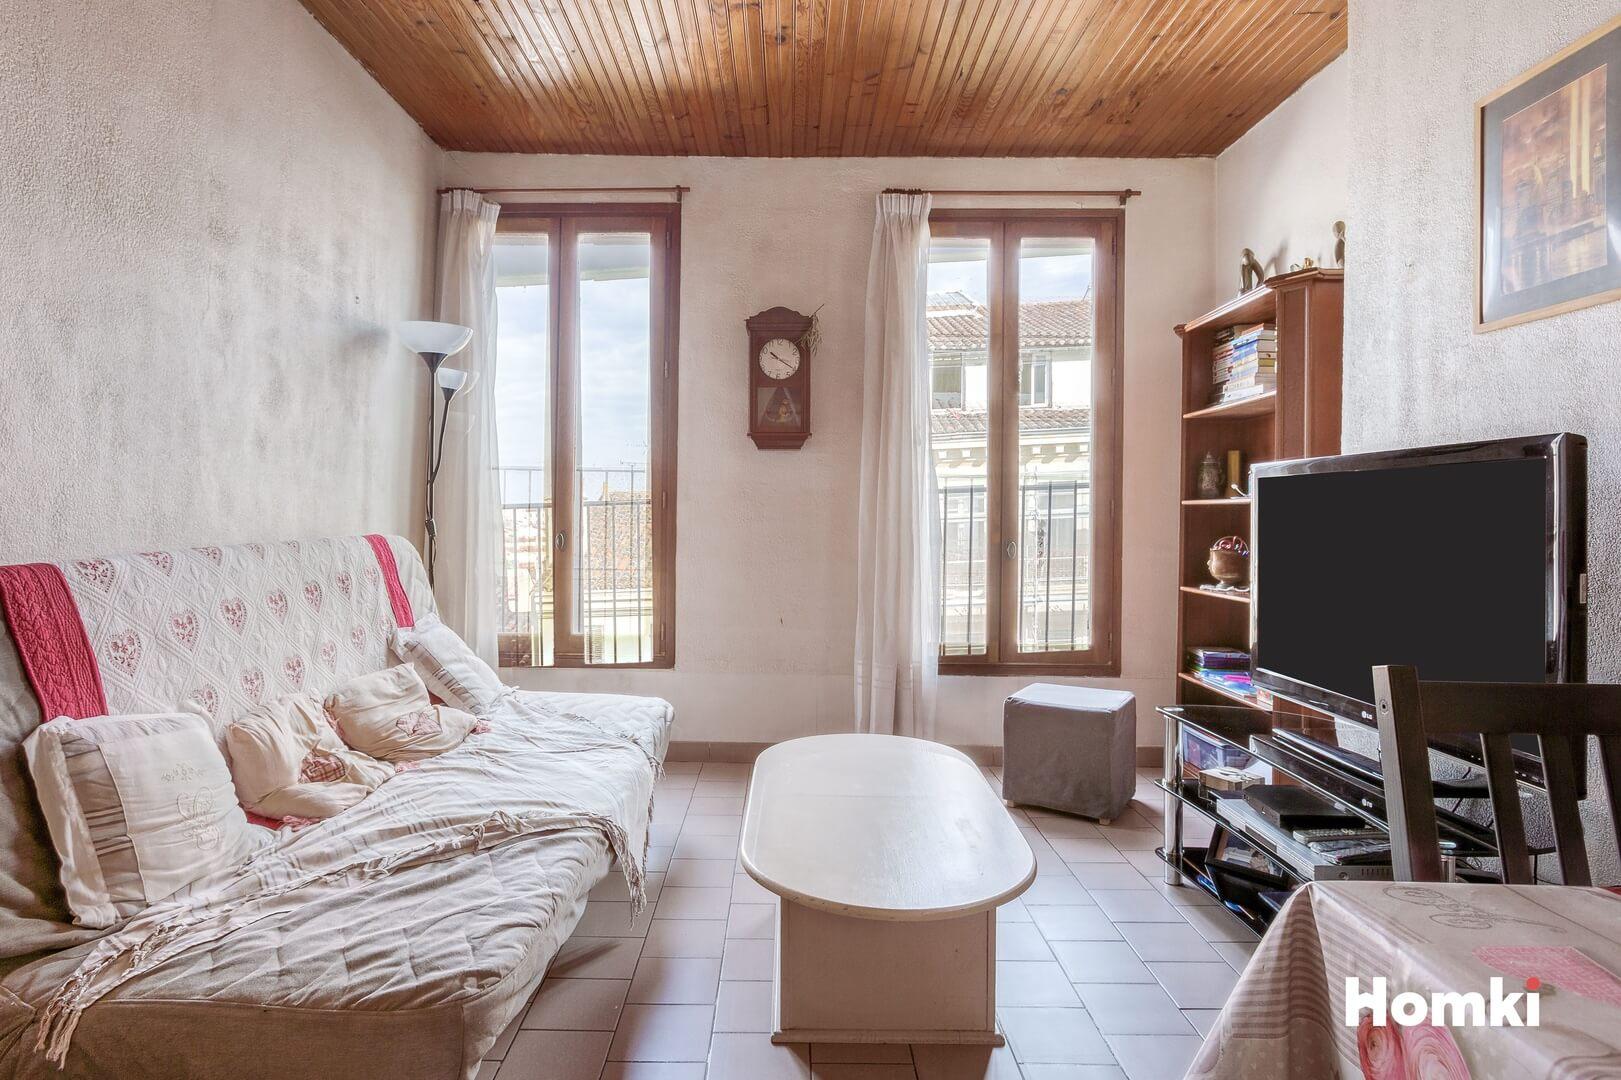 Homki - Vente Appartement  de 44.0 m² à Marseille 13004